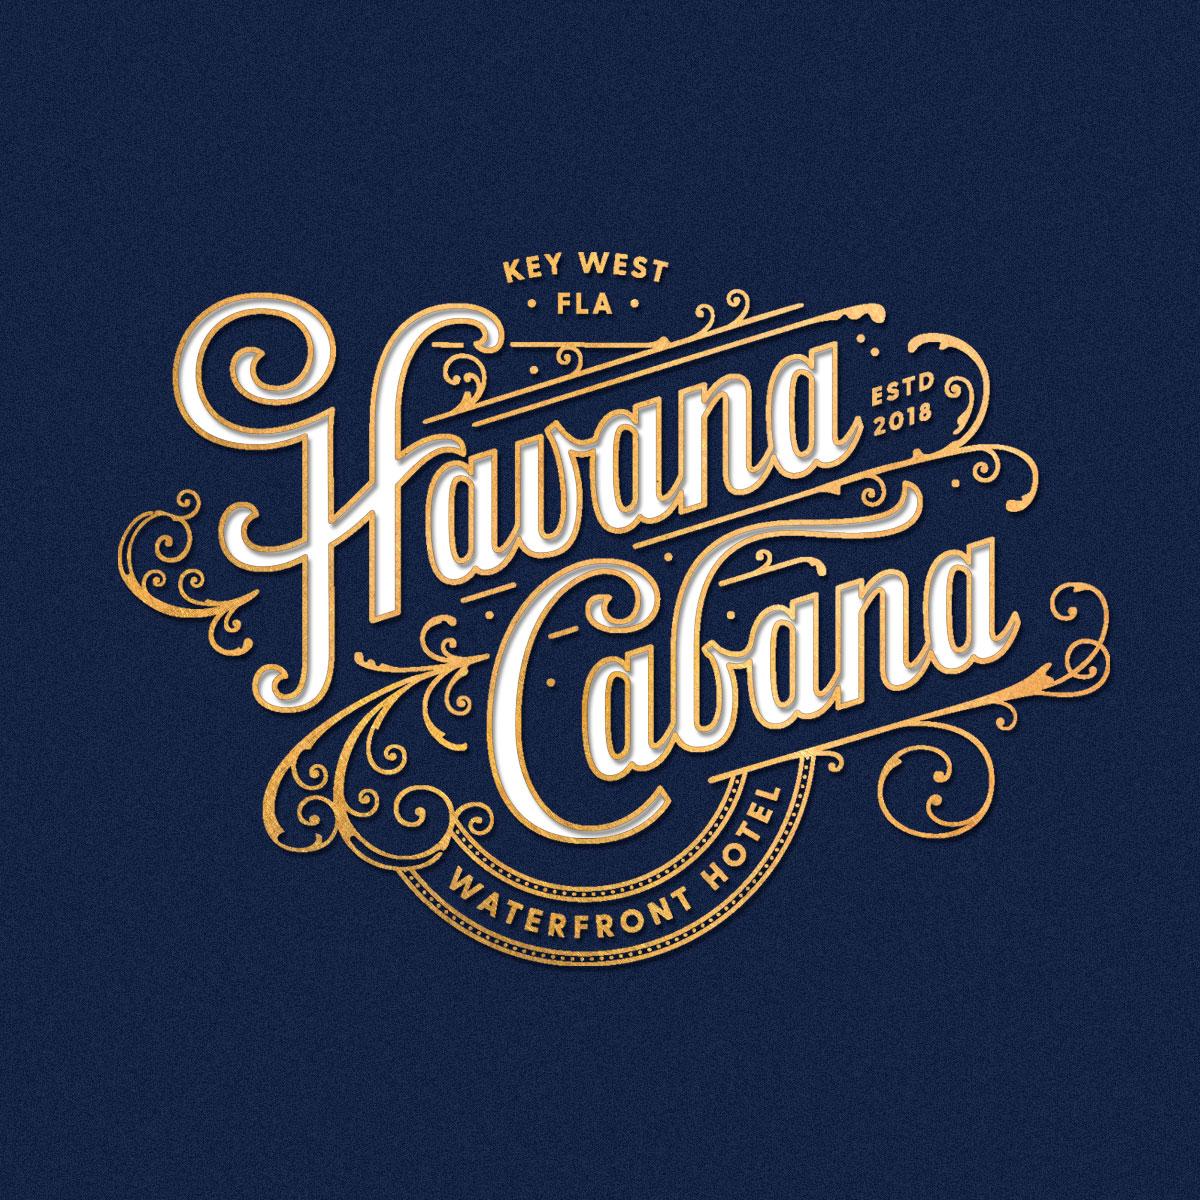 havana-cabana_logo